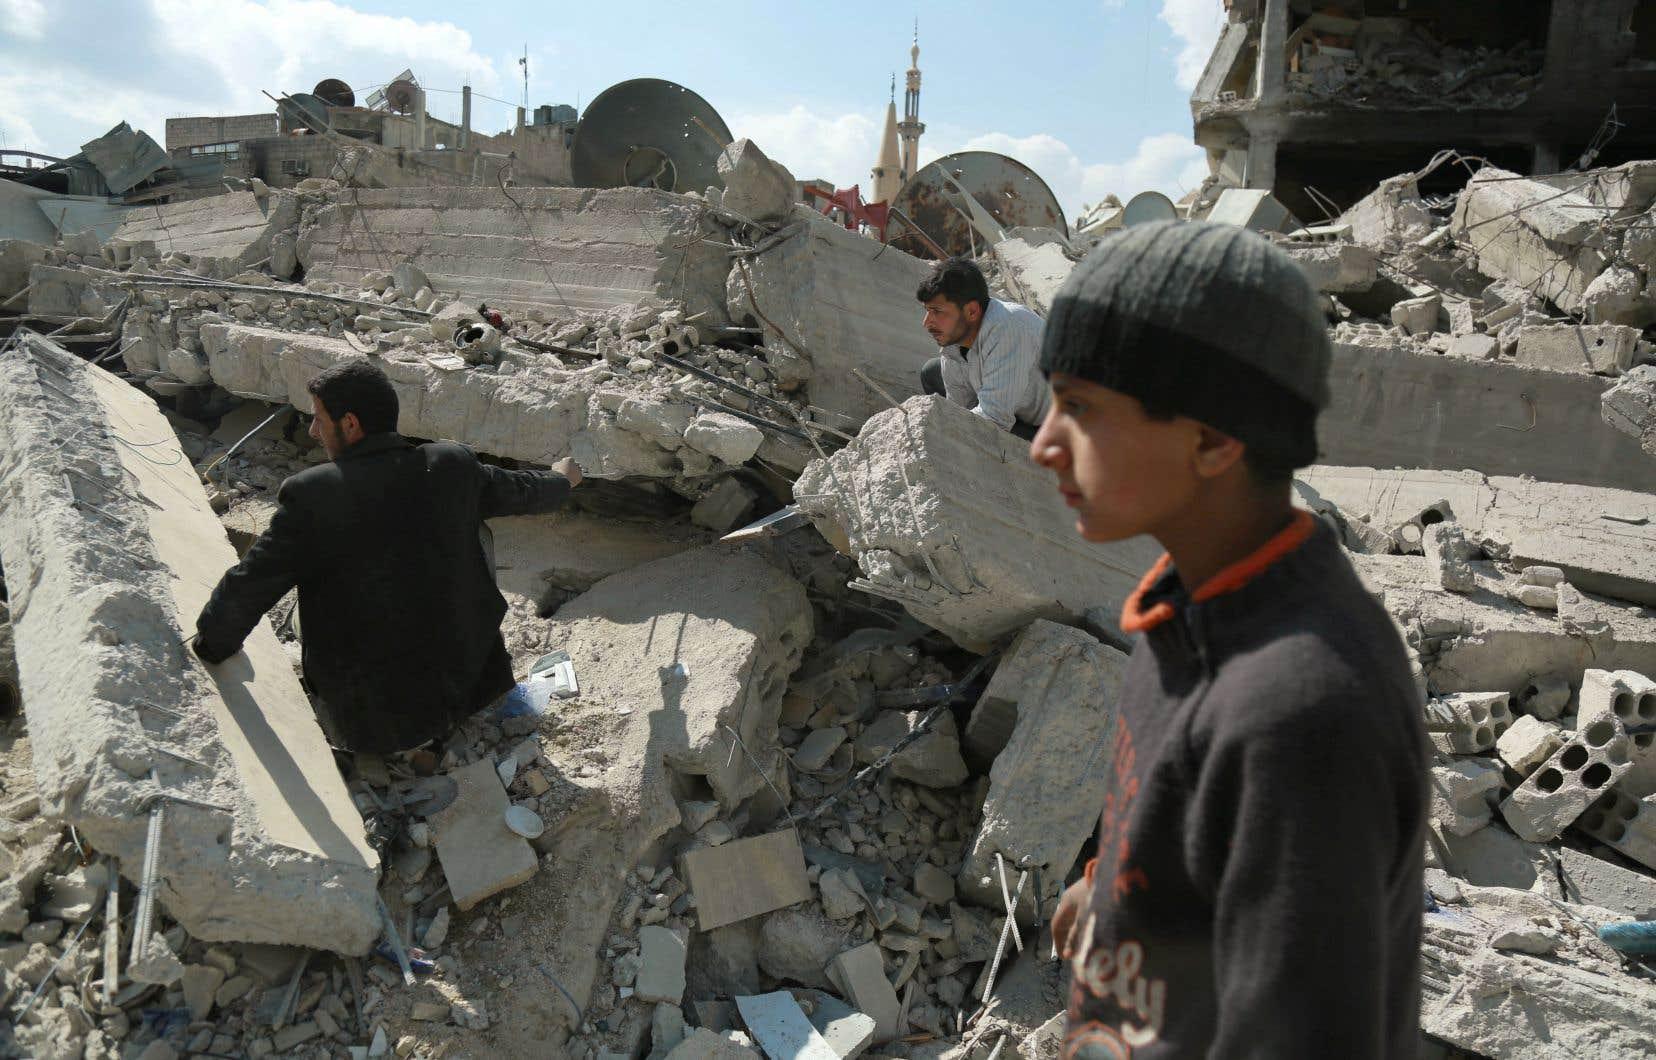 Des habitants de Douma cherchant des survivants dans des décombres, mercredi